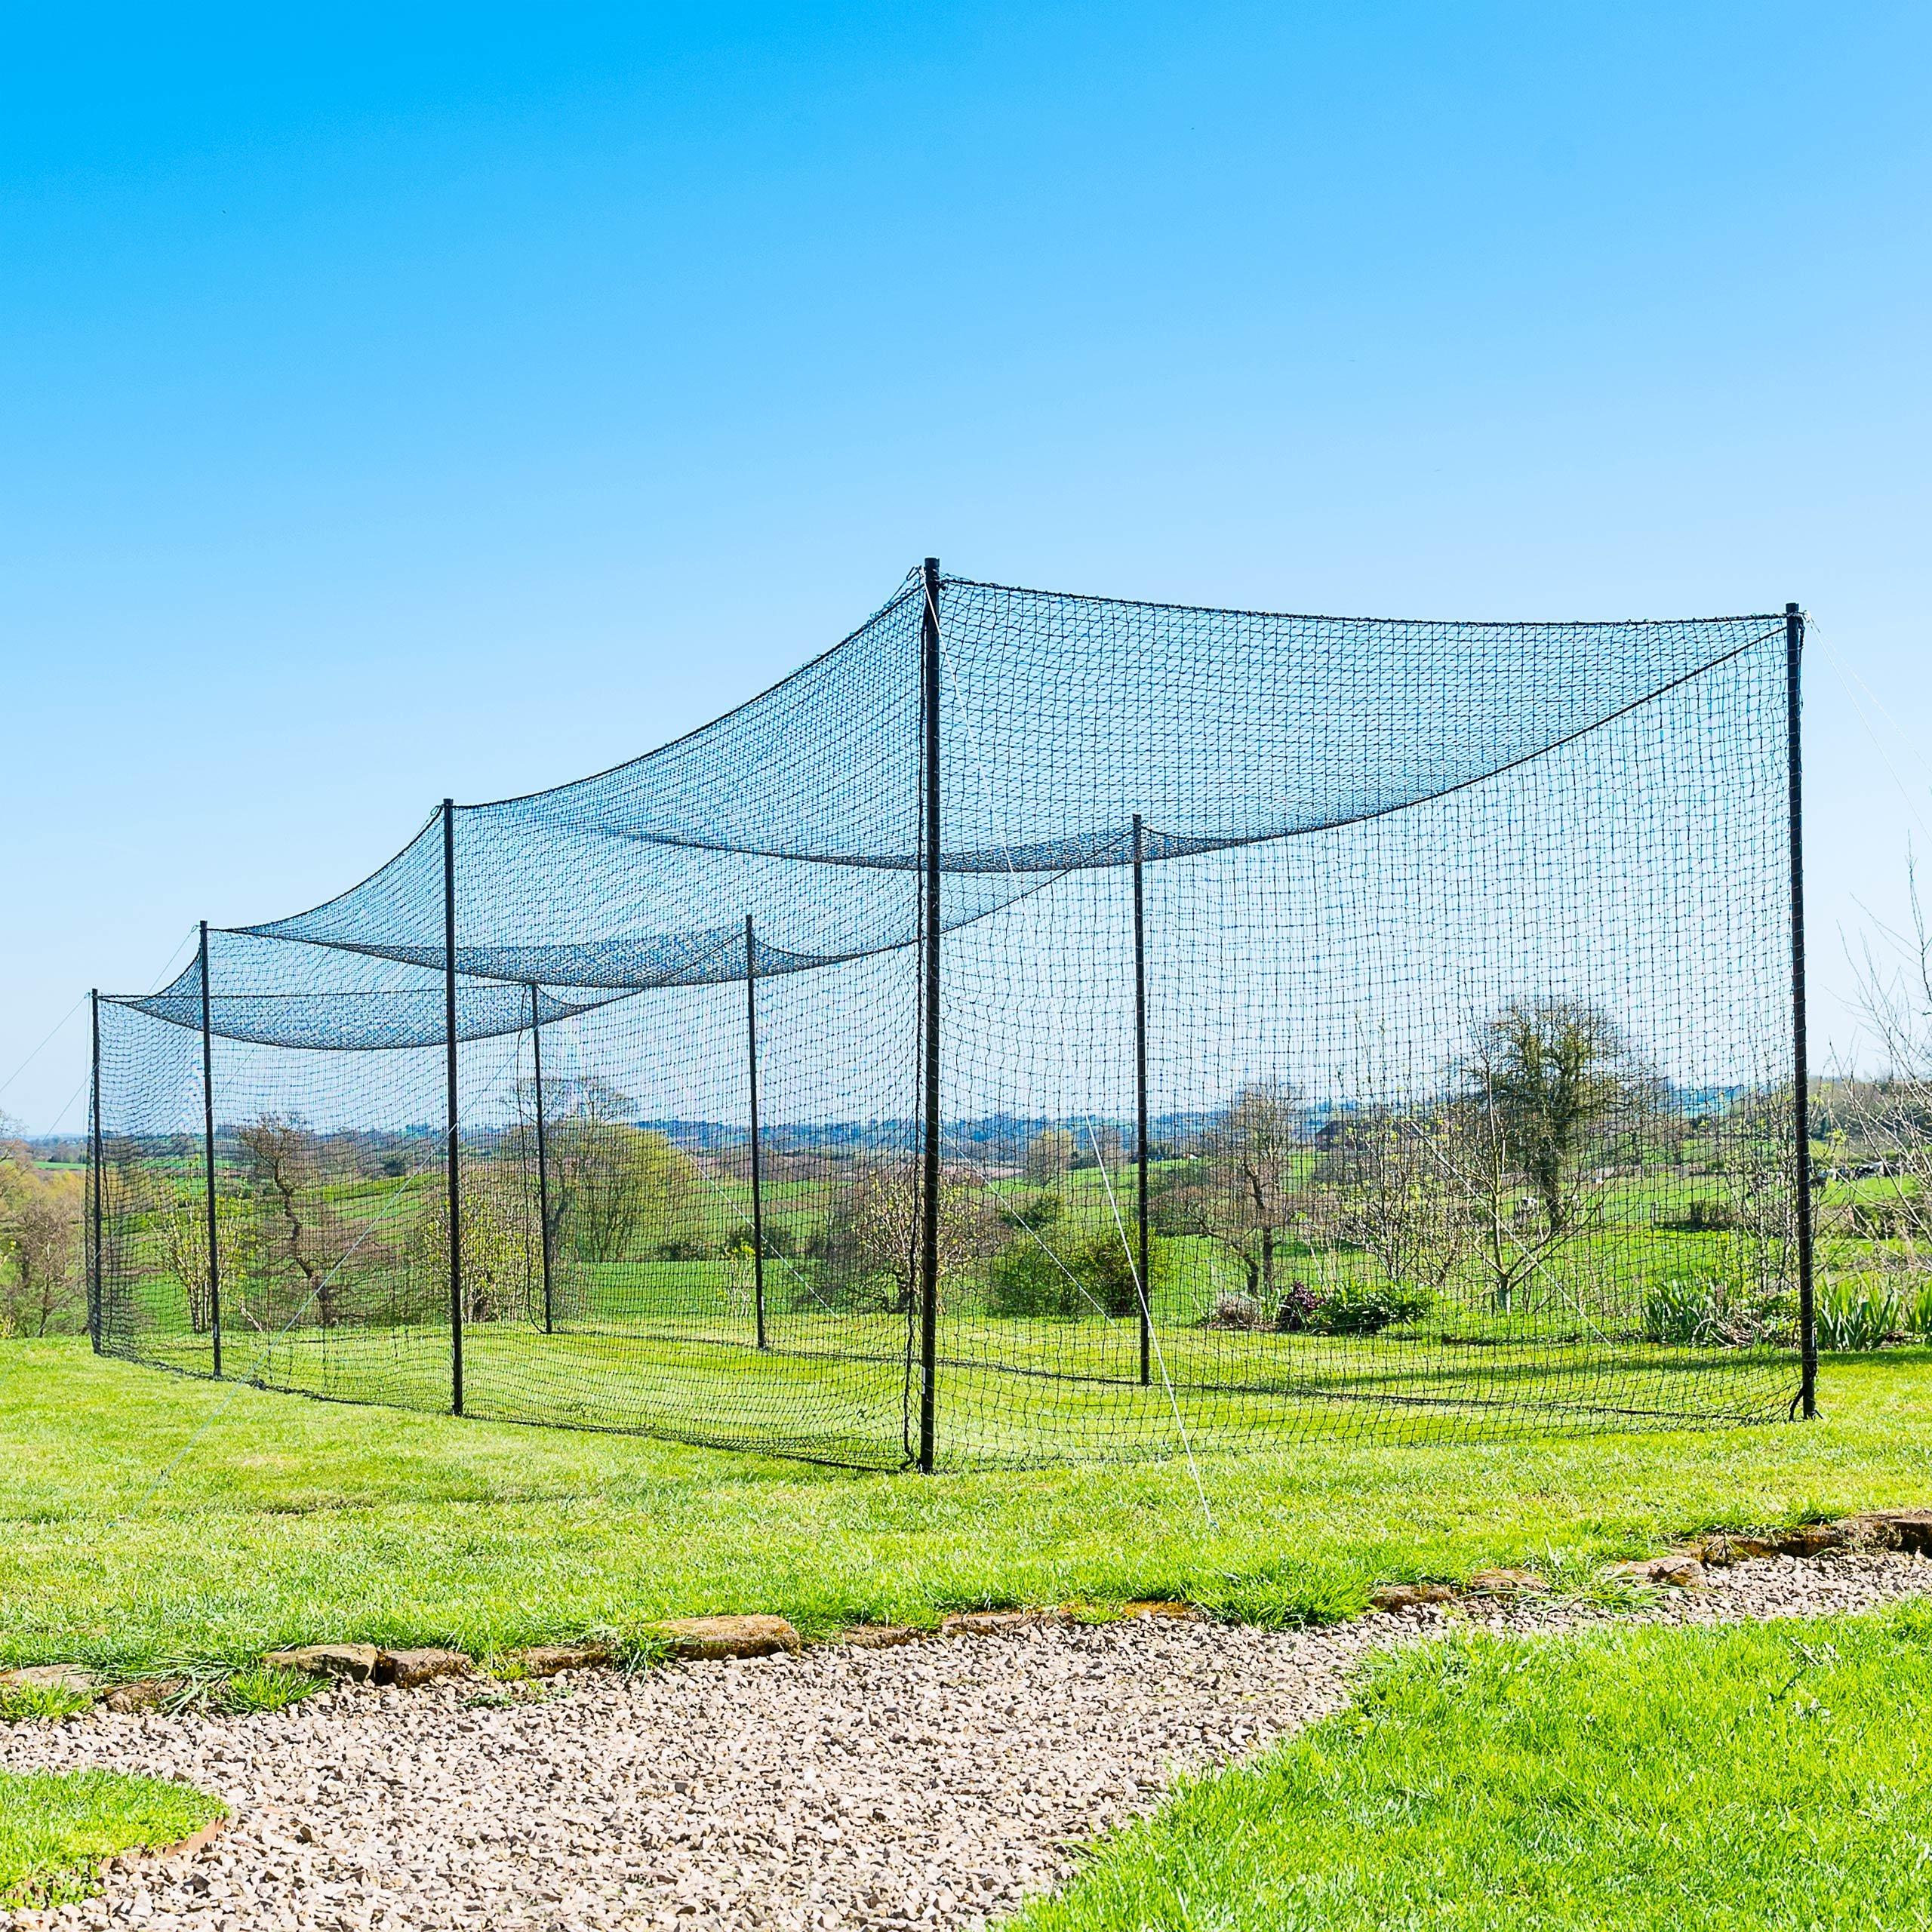 Net World Sports Ultimate Baseball Batting Cage [Net & Poles Package] 42 Heavy Duty Net with Steel Uprights (20', 35', 55', 70') (35' Batting Cage Package) by Net World Sports